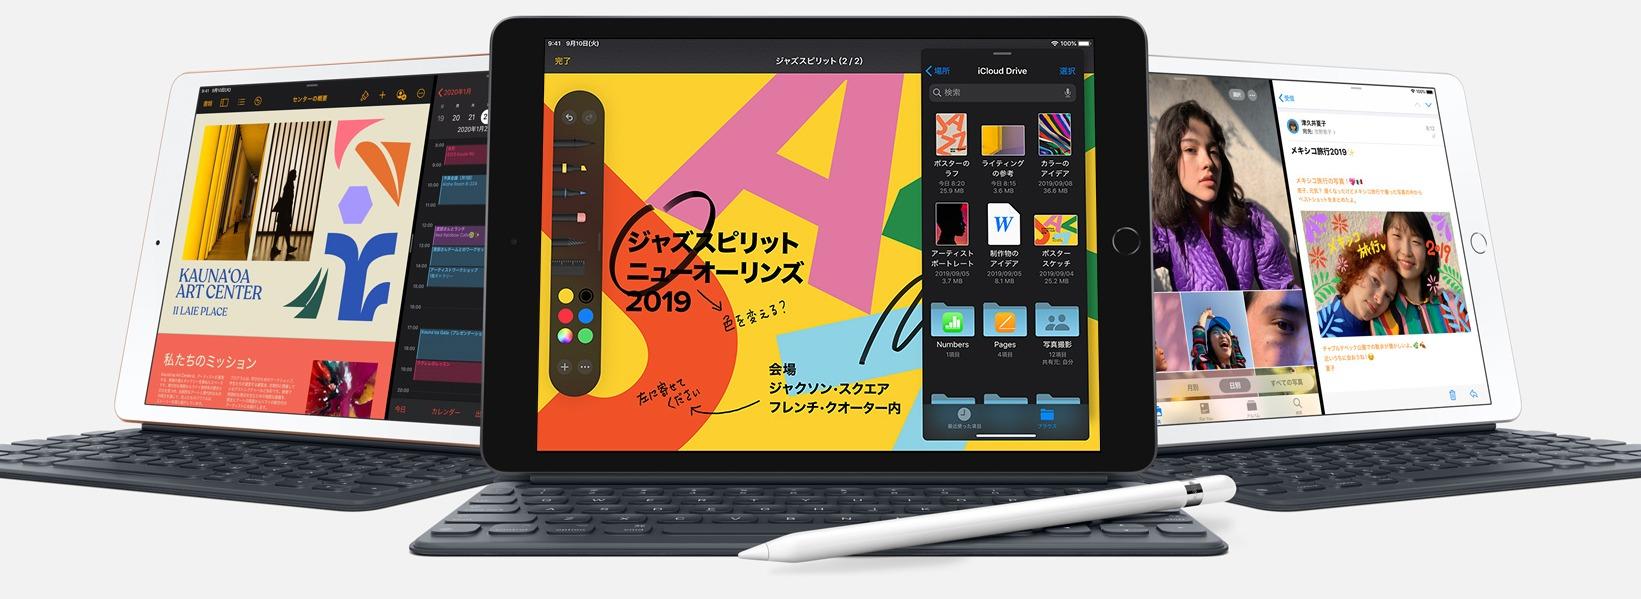 【新型iPad 2019】仕様・変更点を比較してみた